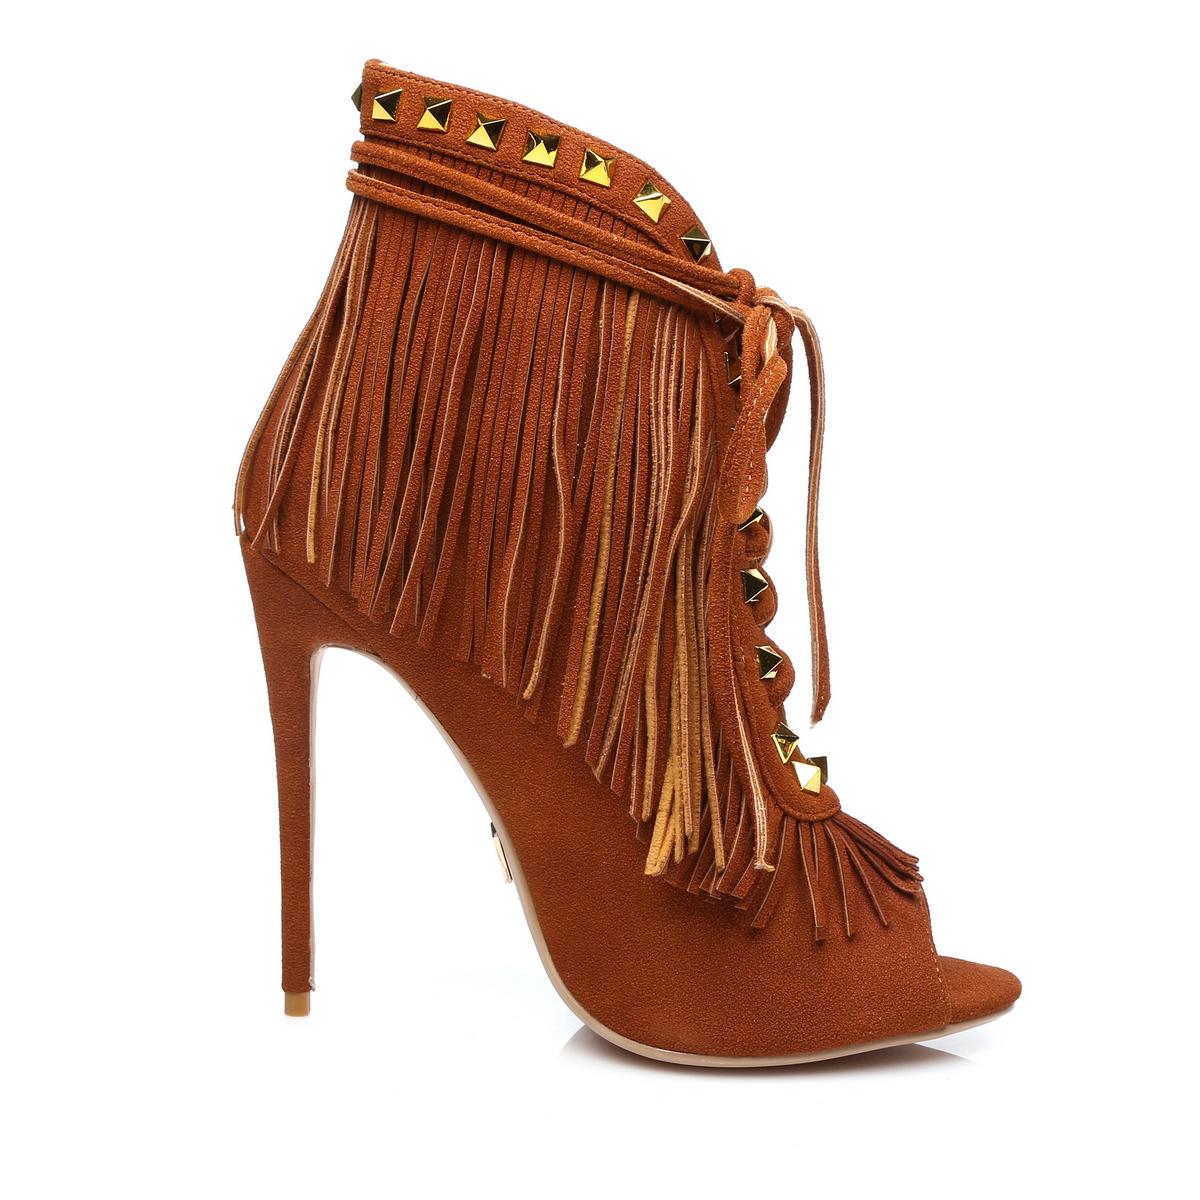 GIARO - Damen High Heels - Braun Schuhe in Übergrößen – Bild 4